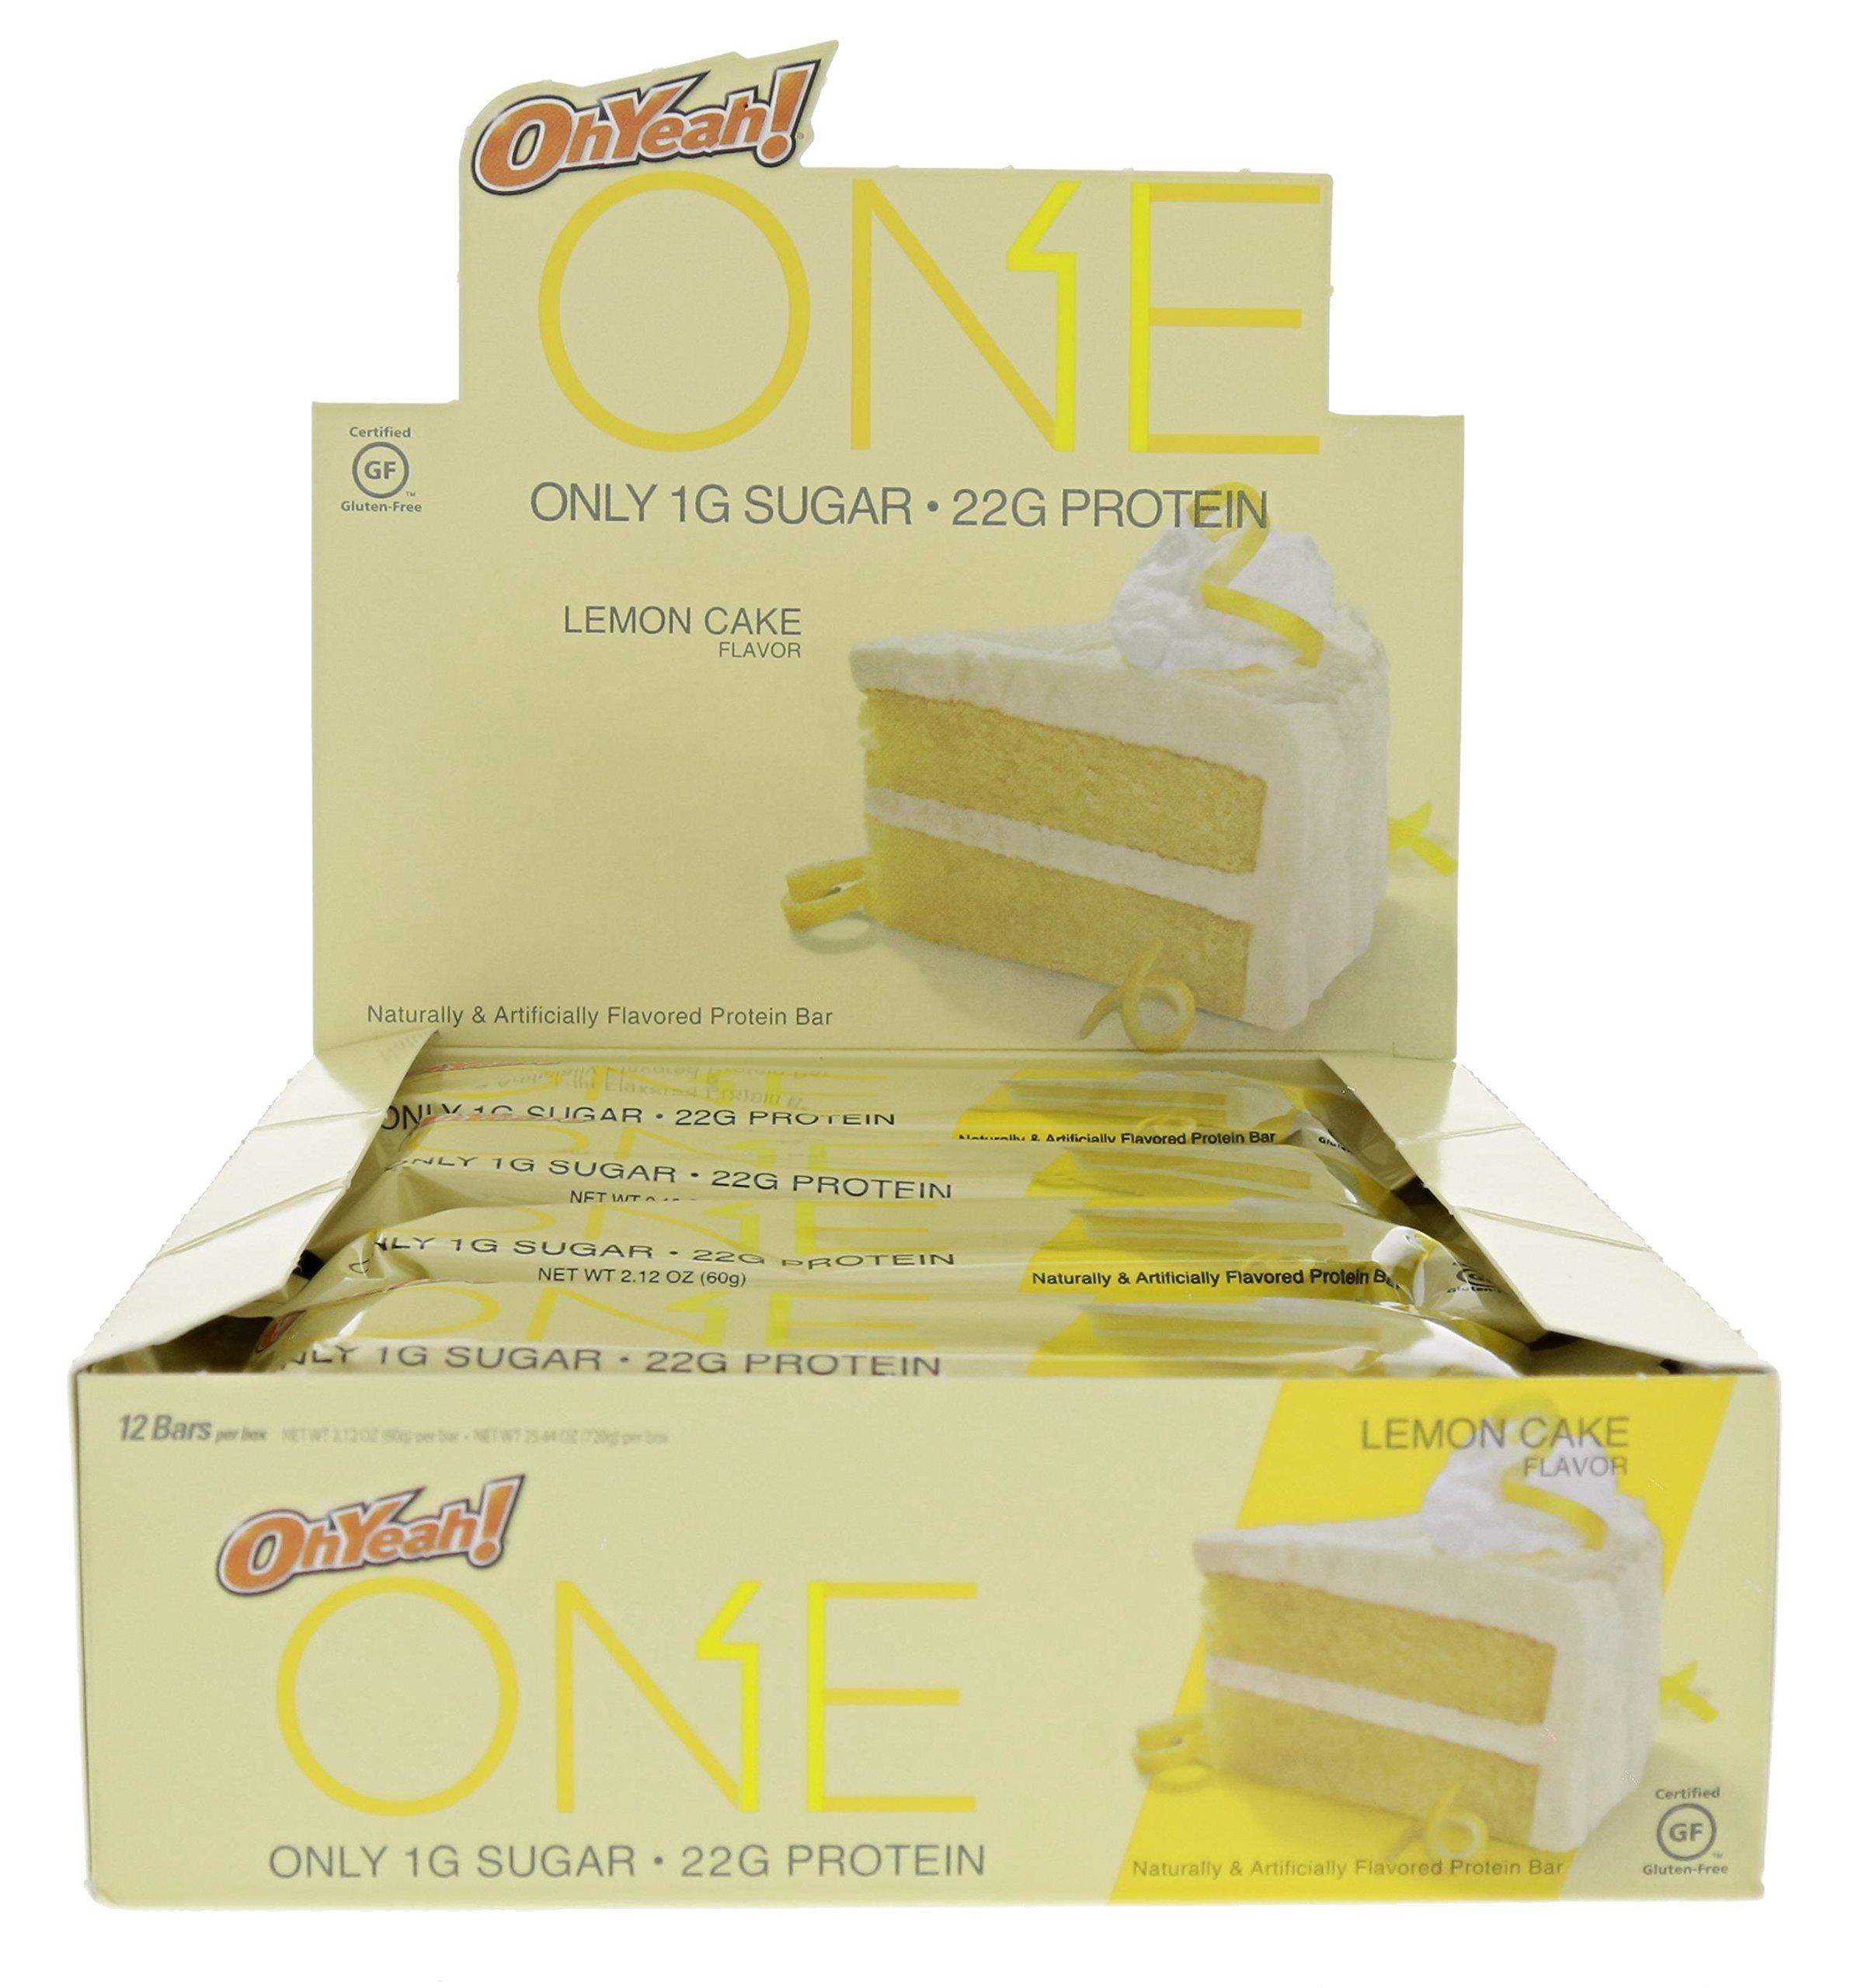 ISS Oh Yeah! One Bar Lemon Cake 24 - 2.12 OZ Bars